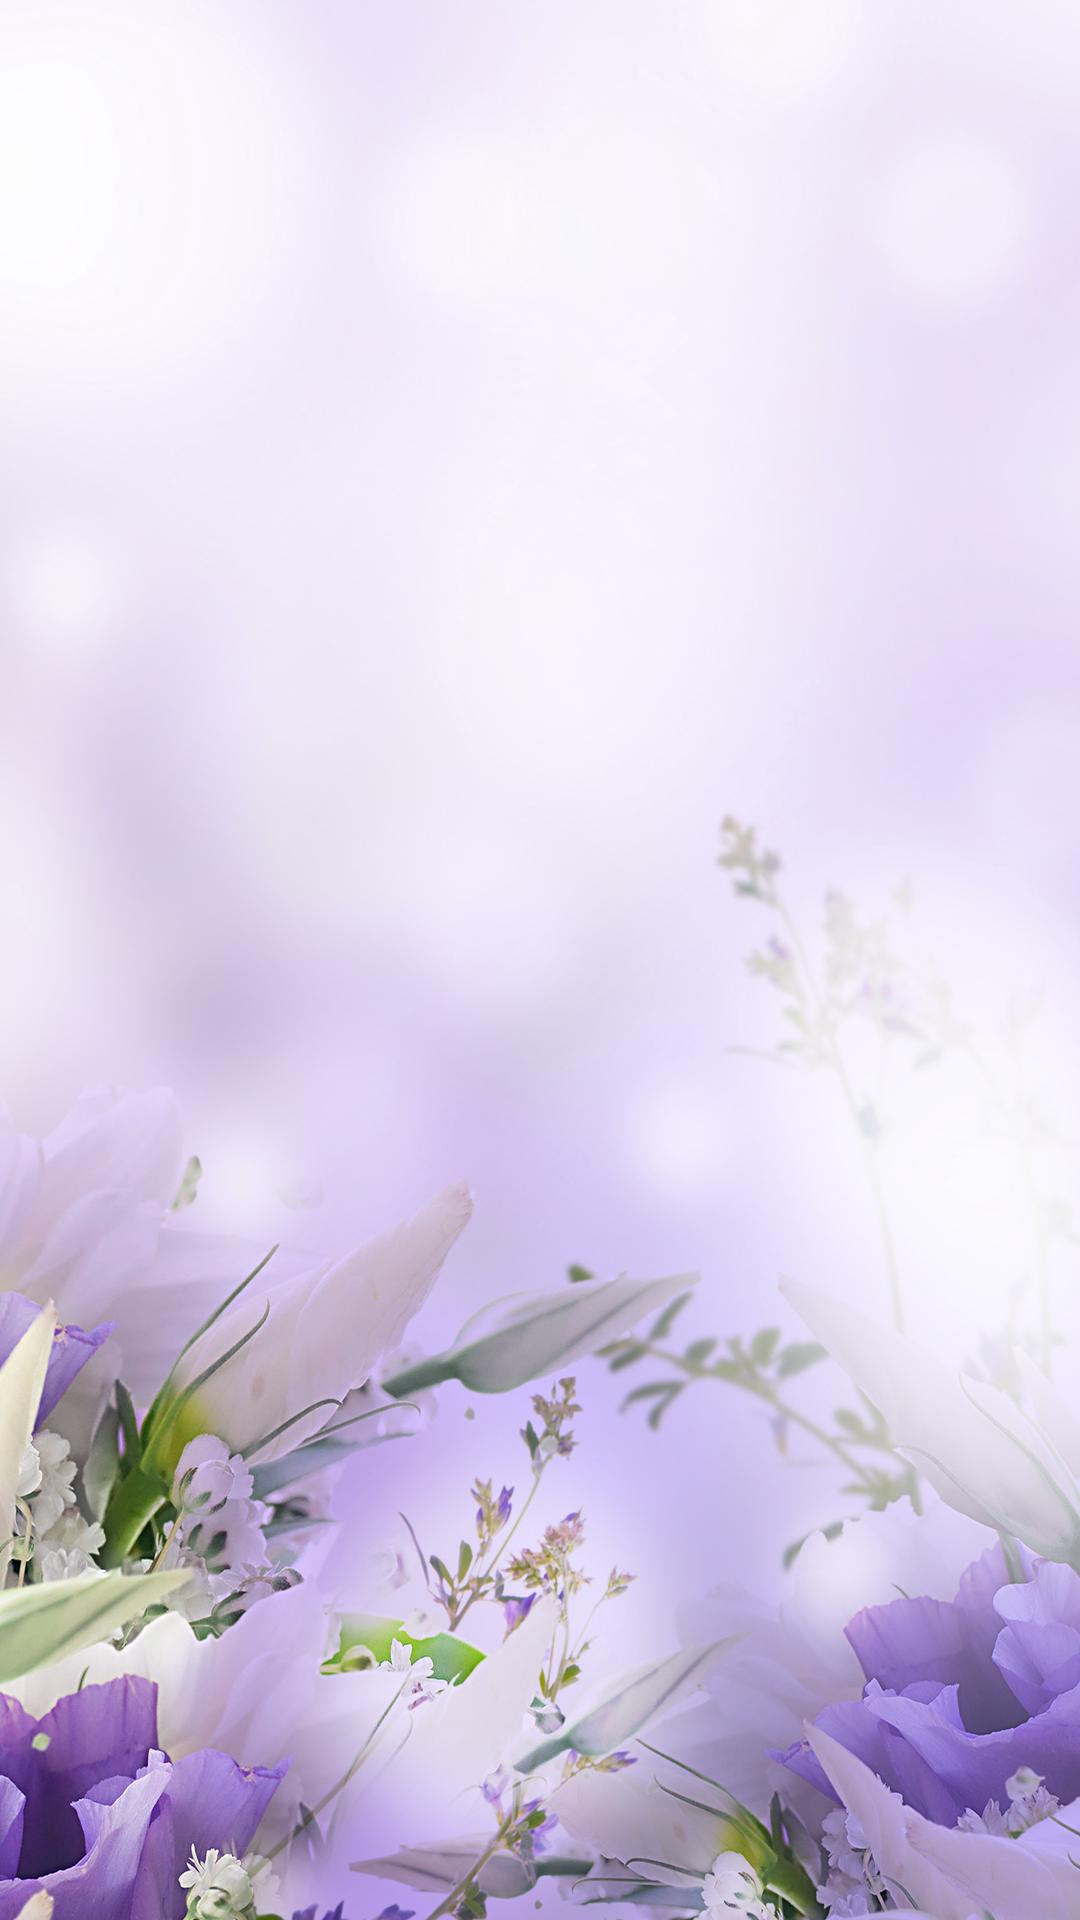 plant flower dandelion pollen background  pink  herb